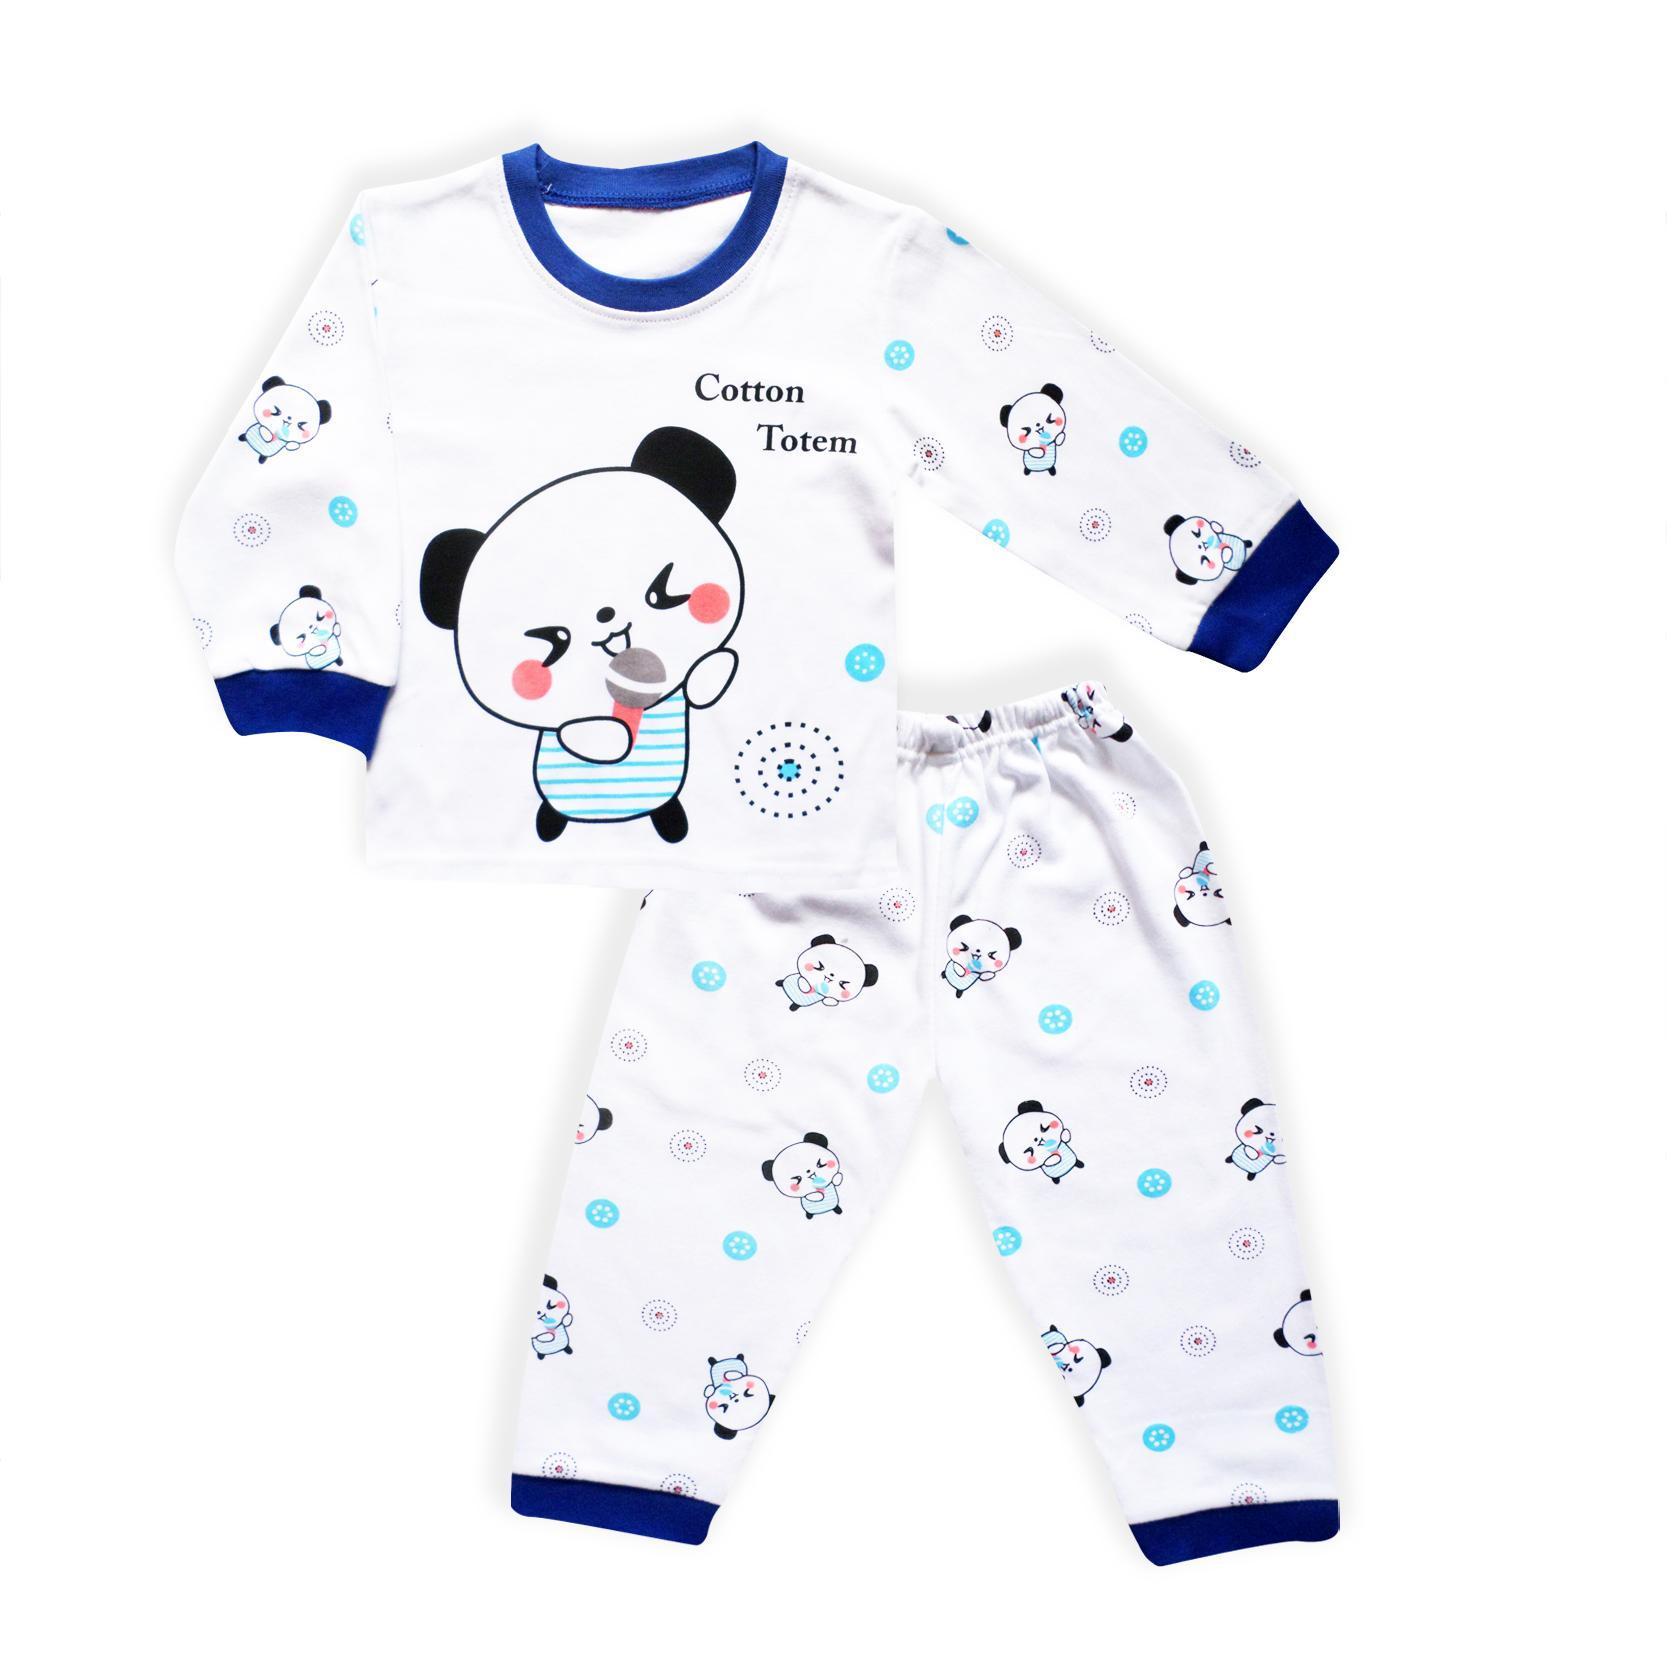 Jual Set Baju Tidur Bayi Newborn Harga Rp 40000 Setelan Pendek Oblong Sml Velvet Junior Animal Piyama Skabe Baby Putih Pakaian Anak Laki Tangan Panjang Kaos 2640